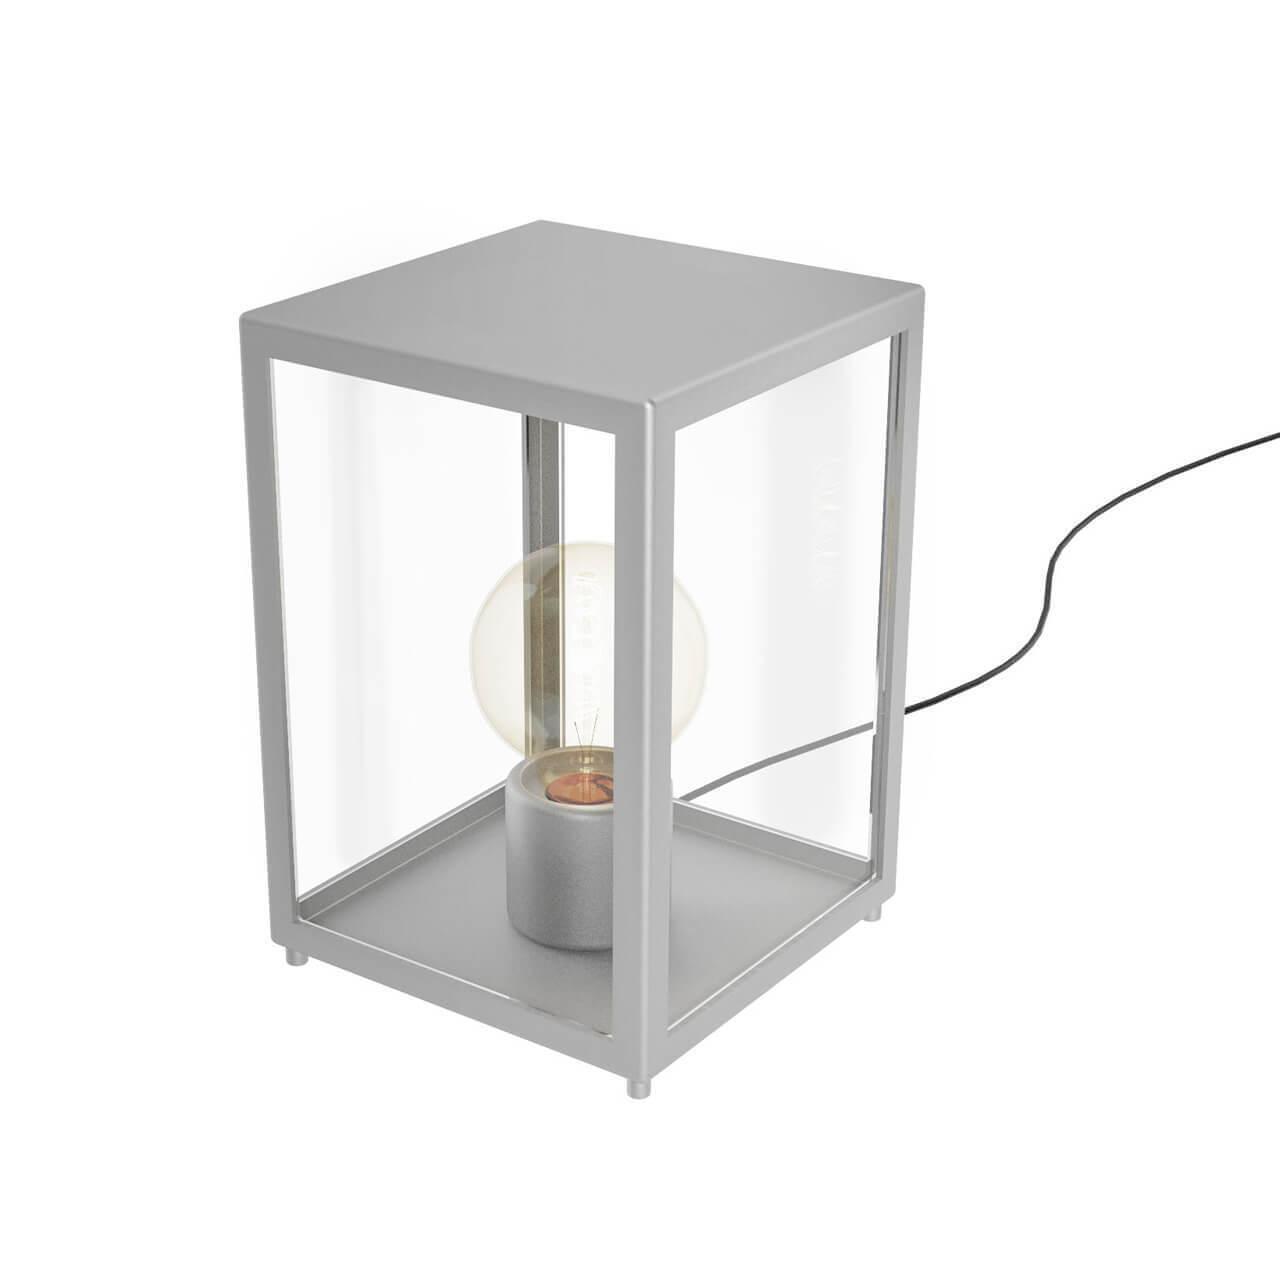 купить Уличный светильник Eglo Alamonte 94787 по цене 1240 рублей